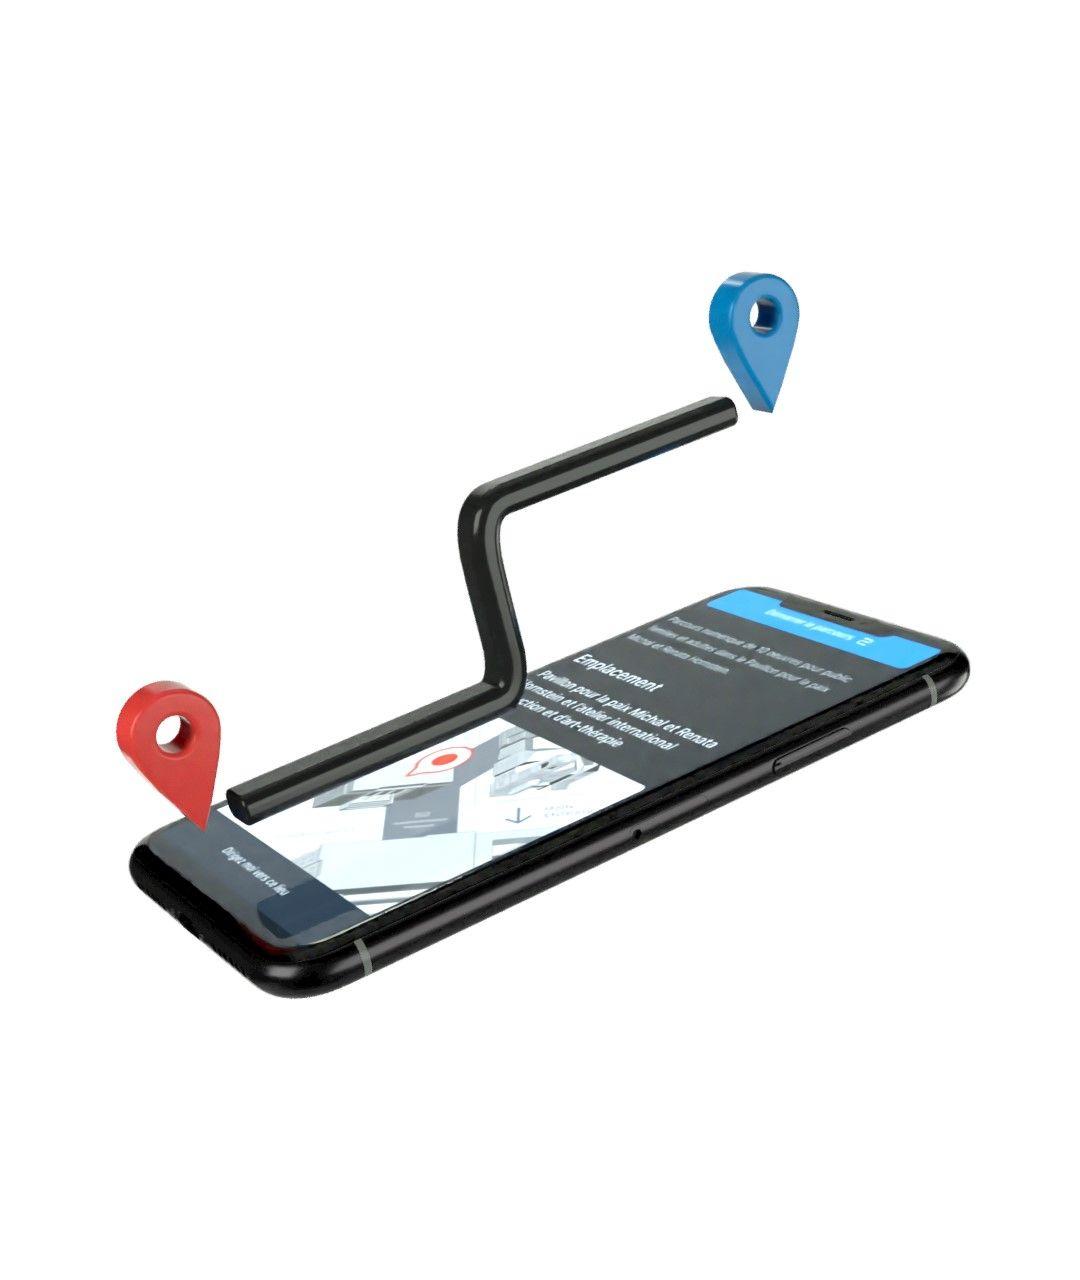 Application mobile - Navigation program